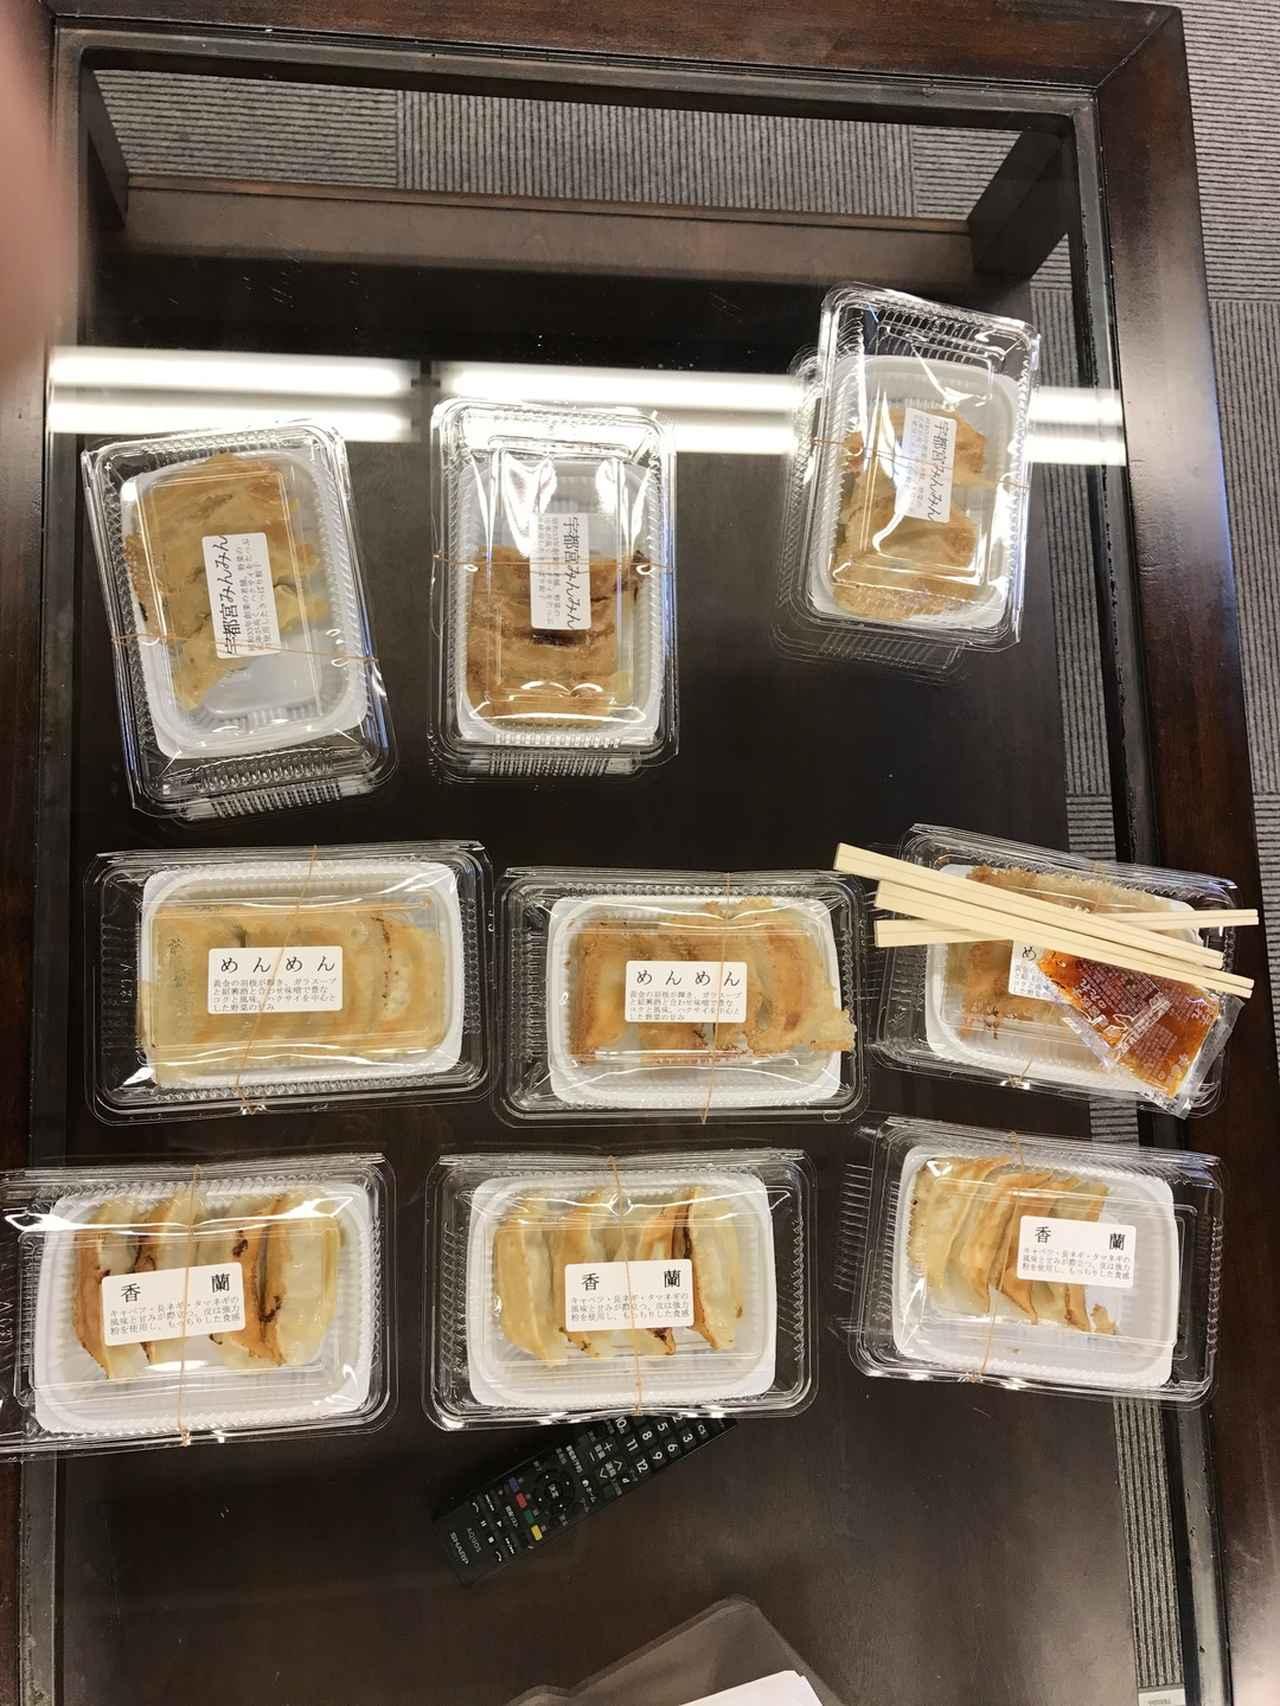 画像: オフィスは胃袋の誘惑が絶えない横浜馬車道。写真は4月に赤レンガ倉庫で開かれた宇都宮餃子祭りで調達された至高の餃子たち。メンバーはワイン好きが多いですがこのときはみんなビールに。